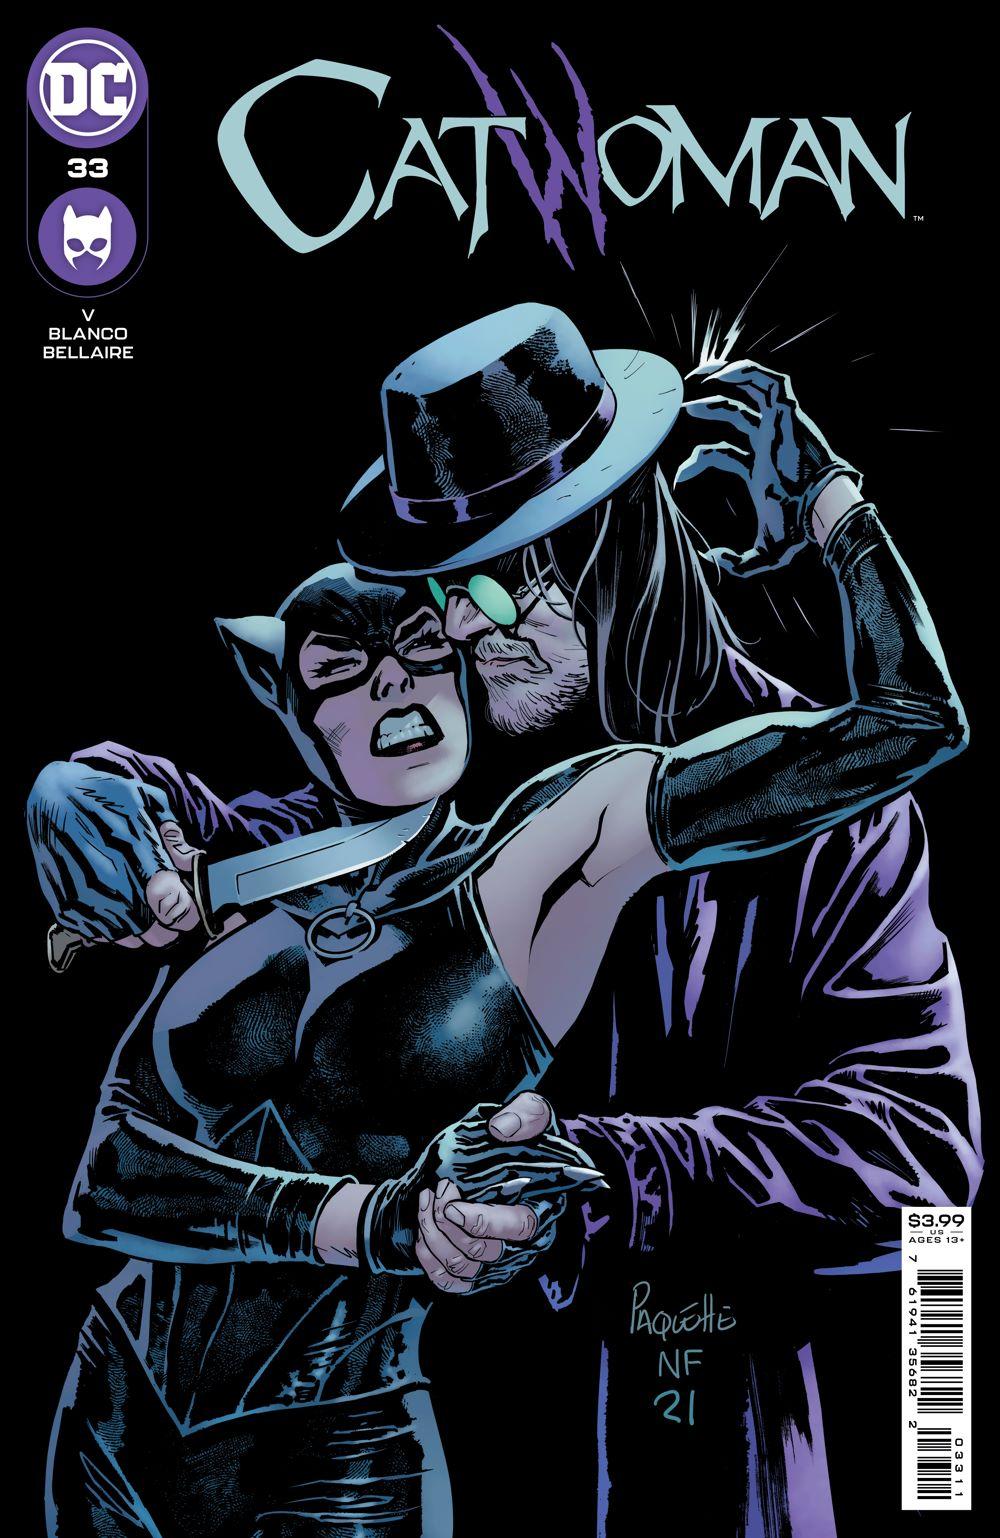 CATWOMAN_Cv33 DC Comics July 2021 Solicitations